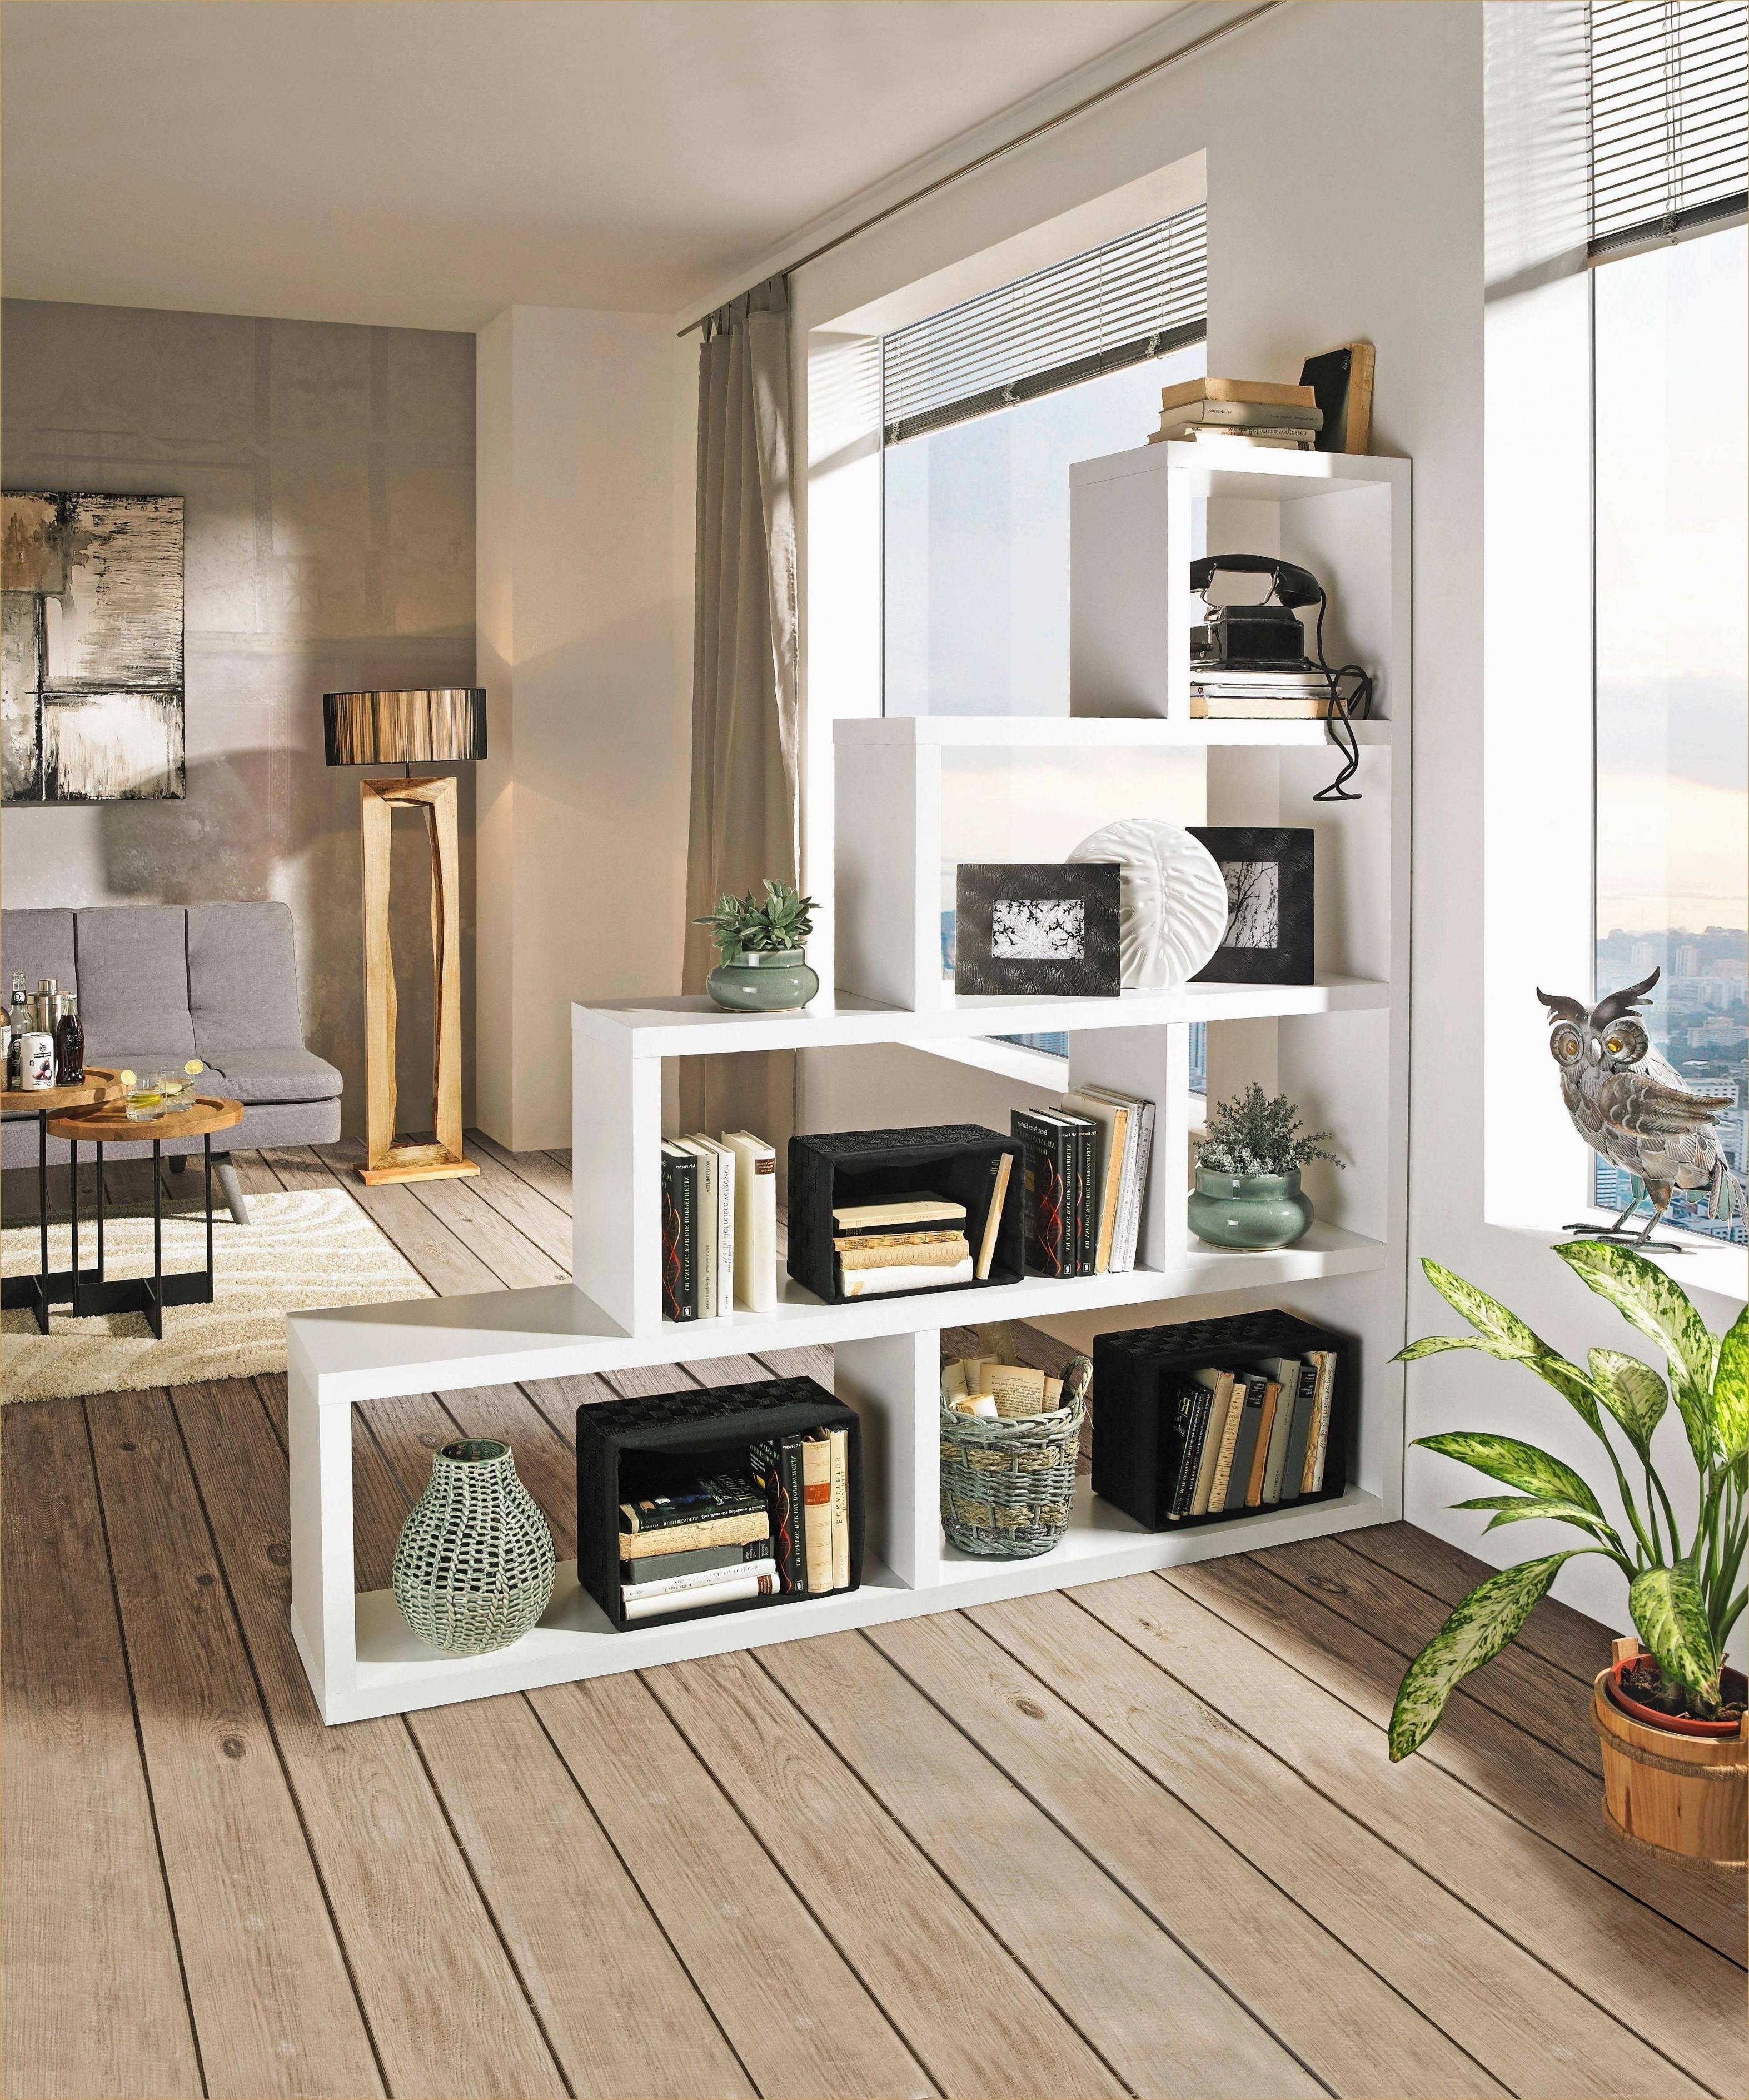 Trennwand Wohnzimmer Schlafzimmer – Caseconrad von Raumteiler Ideen Wohnzimmer Schlafzimmer Photo